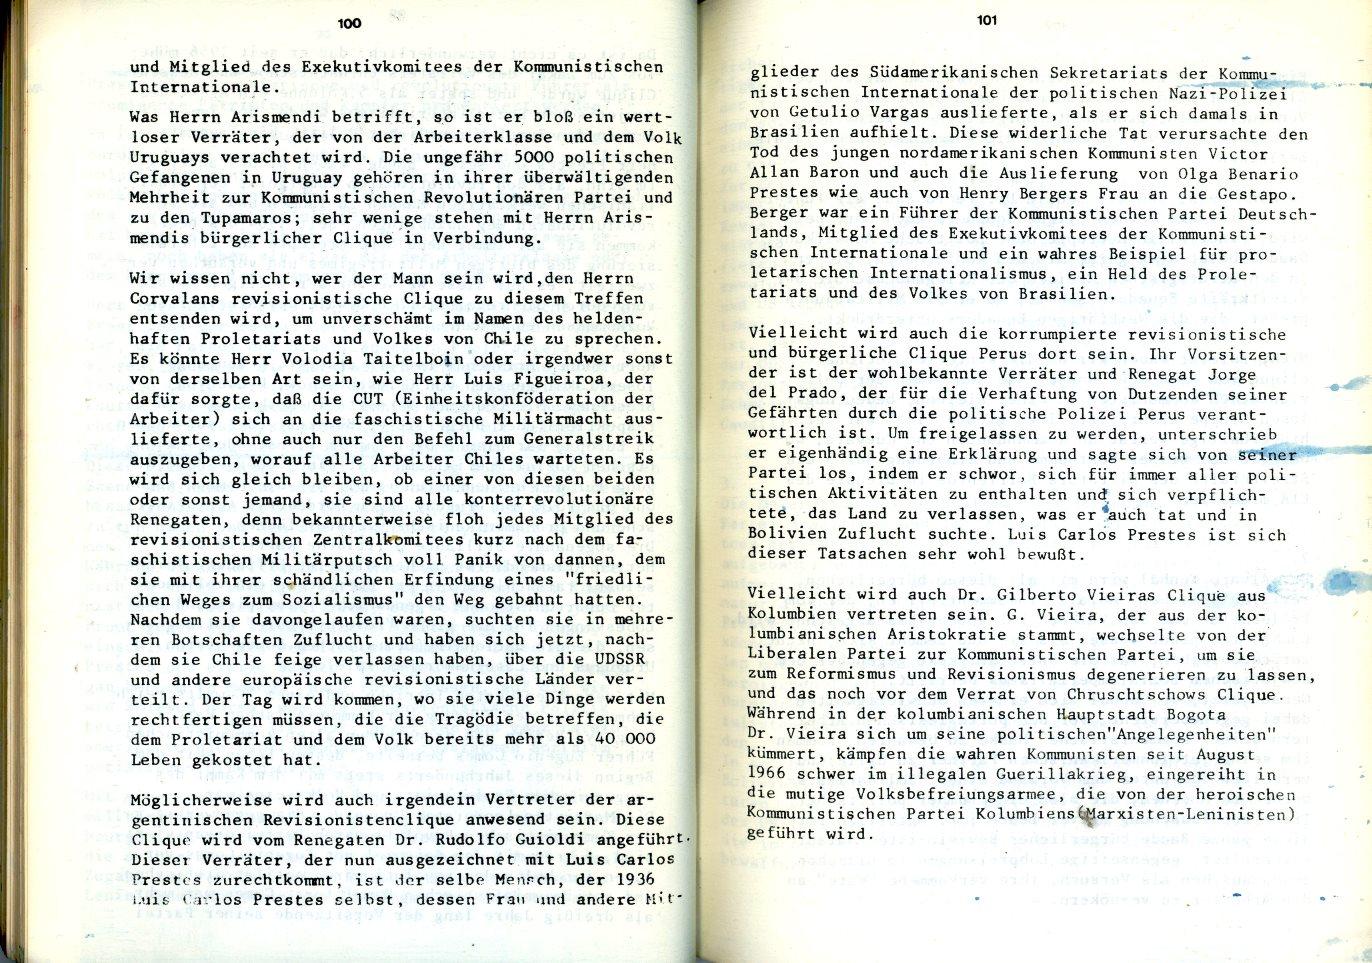 MLSK_Theorie_und_Praxis_des_ML_1978_20_59